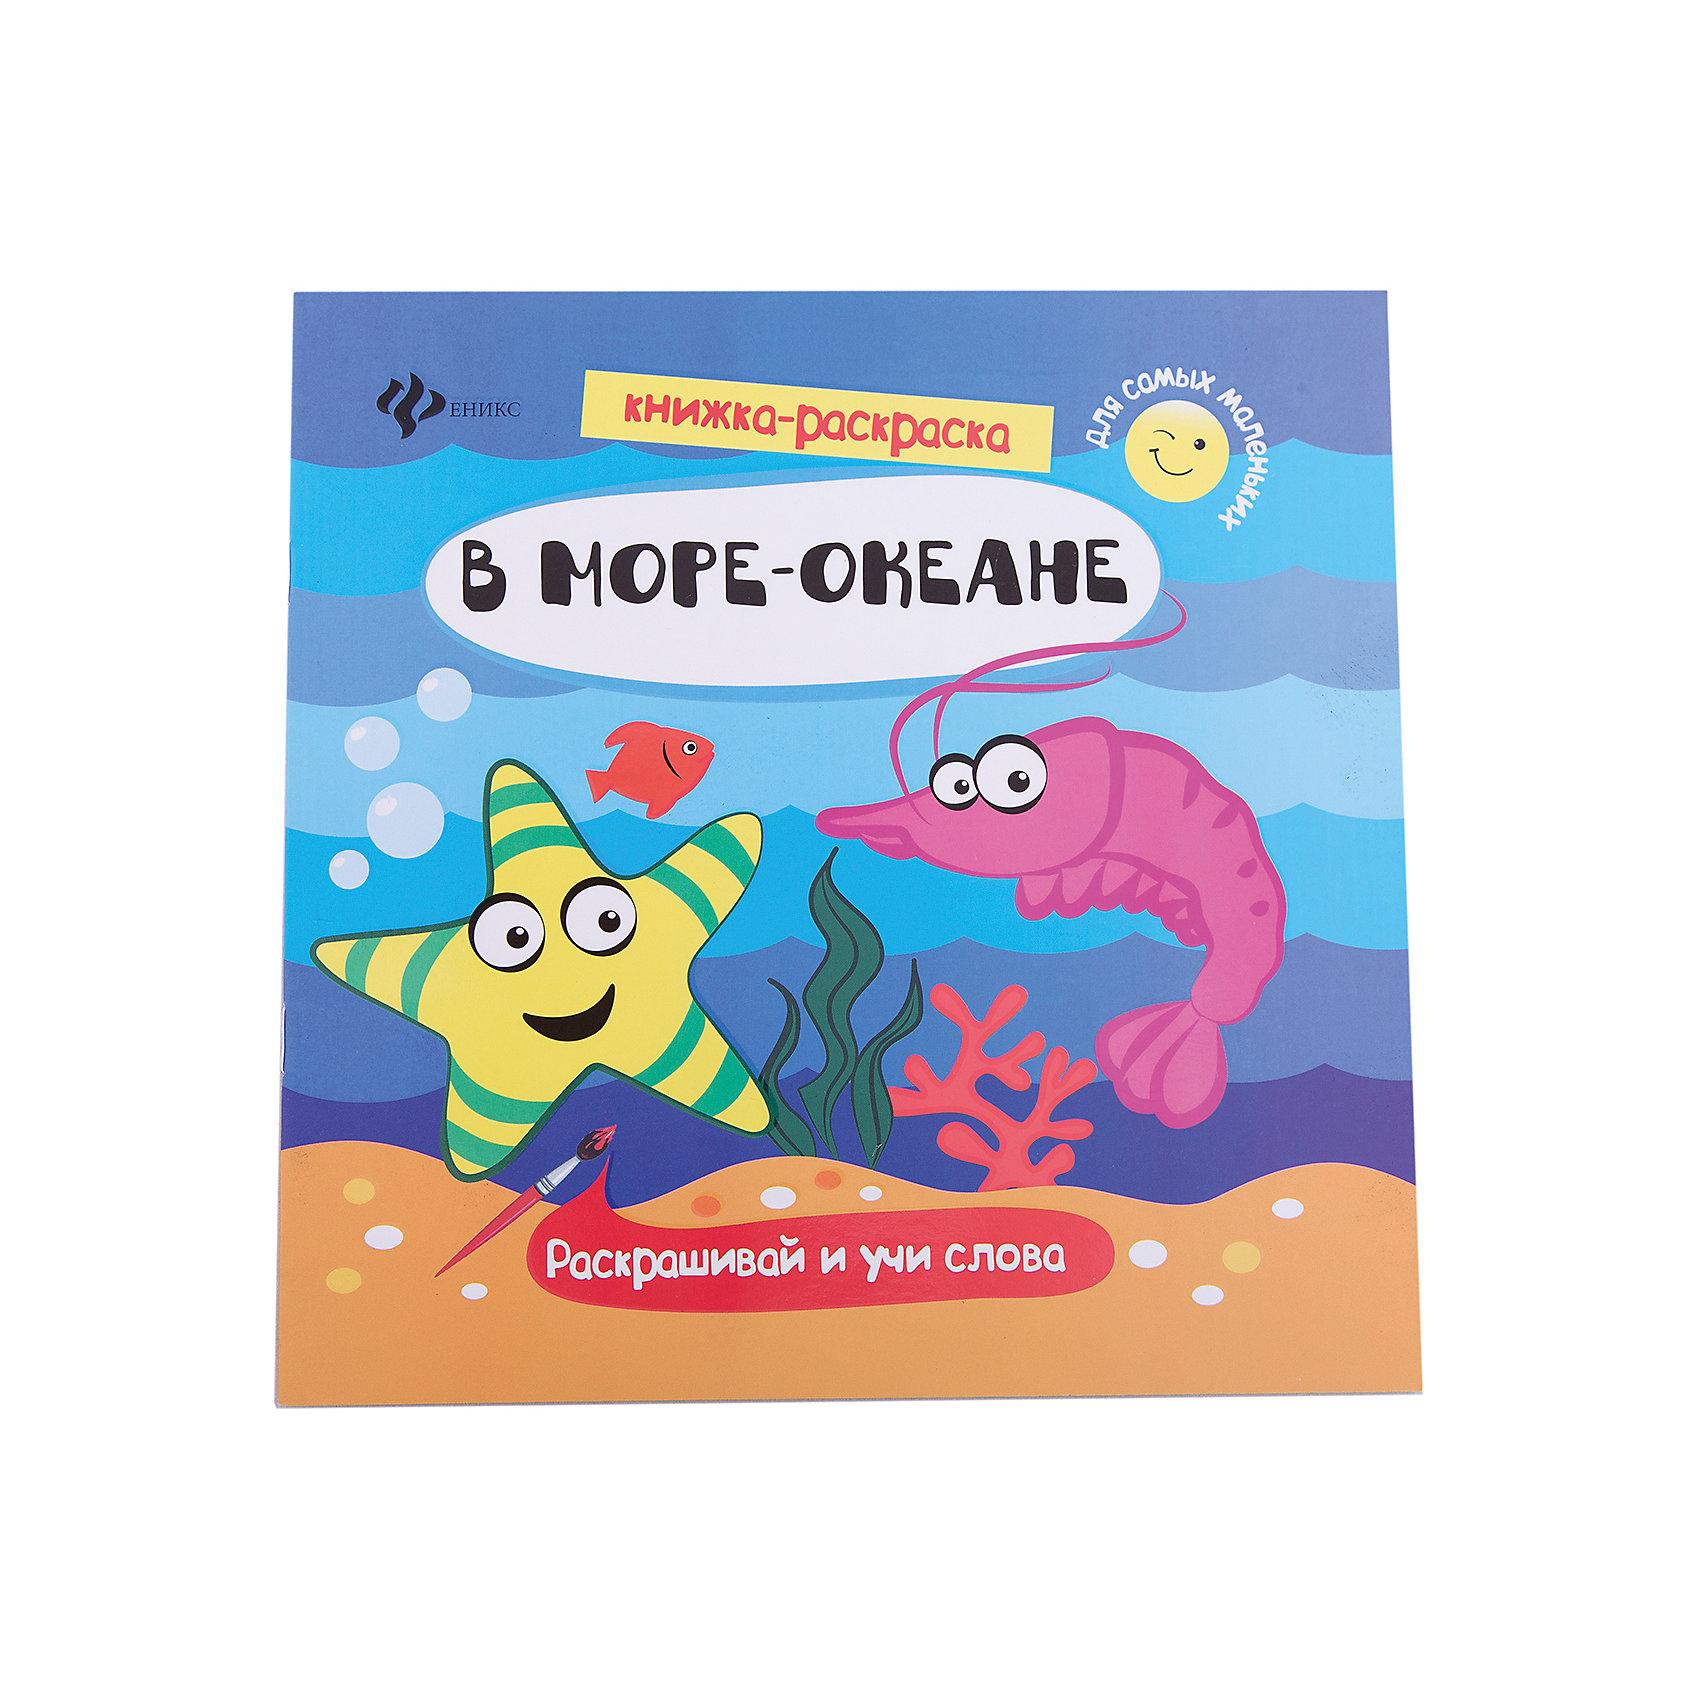 В море-океане: книжка-раскраскаРаскраски по номерам<br>Характеристики товара:<br><br>• ISBN:9785222250914;<br>• возраст: от 0 лет;<br>• иллюстрации: черно-белые ;<br>• обложка: мягкая;<br>• количество страниц: 12;<br>• формат: 21,6х21,4х1 см.;<br>• вес: 50 гр.;<br>• издательство:  Феникс-Премьер;<br>• страна: Россия.<br><br>«В море-океане» книжка-раскраска - крупные картинки и широкие разноцветные контуры отлично подойдут в качестве первой раскраски для самых маленьких.  Раскрашивая простые и понятные образы, ребенок также сможет выучить названия морских обитателей.<br><br>Раскраска - это не только увлекательное, но и очень полезное занятие.  Помогает развивать мелкую мотрику и творческий потенциал, внимательность и аккуратность. <br><br>Идеальный выбор для совместных занятий вдвоём с ребёнком, а также очень познавательный подарок.<br><br>«В море-океане» книжка-раскраска, Феникс-Премьер, можно купить в нашем интернет-магазине.<br><br>Ширина мм: 214<br>Глубина мм: 216<br>Высота мм: 1<br>Вес г: 53<br>Возраст от месяцев: 12<br>Возраст до месяцев: 36<br>Пол: Унисекс<br>Возраст: Детский<br>SKU: 5120040